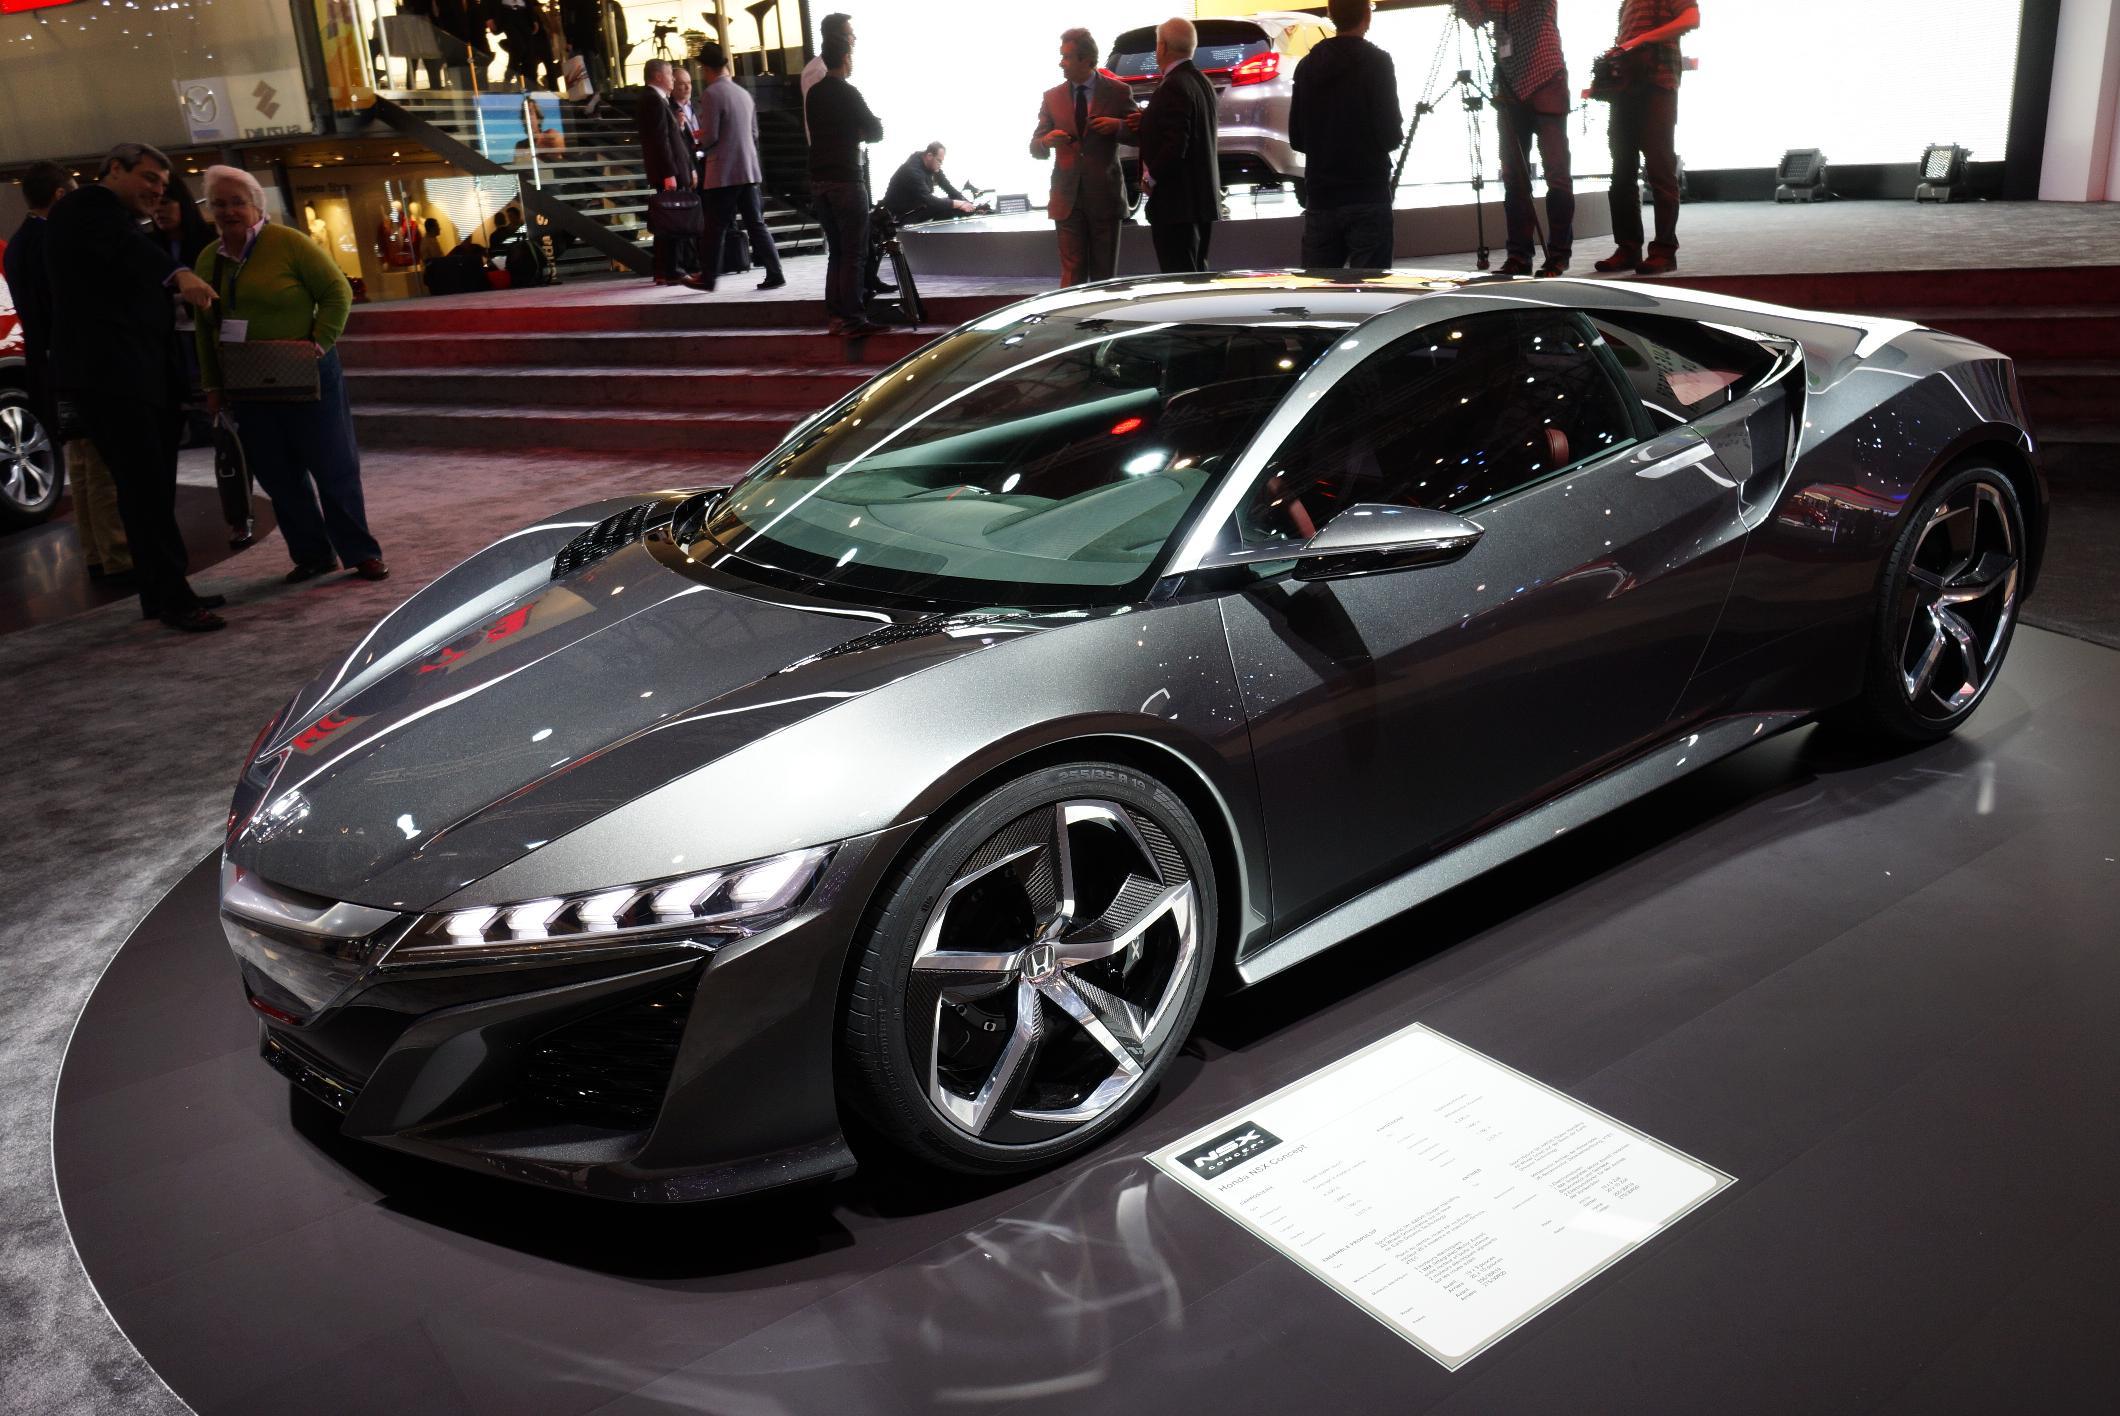 photo HONDA NSX Concept concept-car 2013 - Motorlegend.com